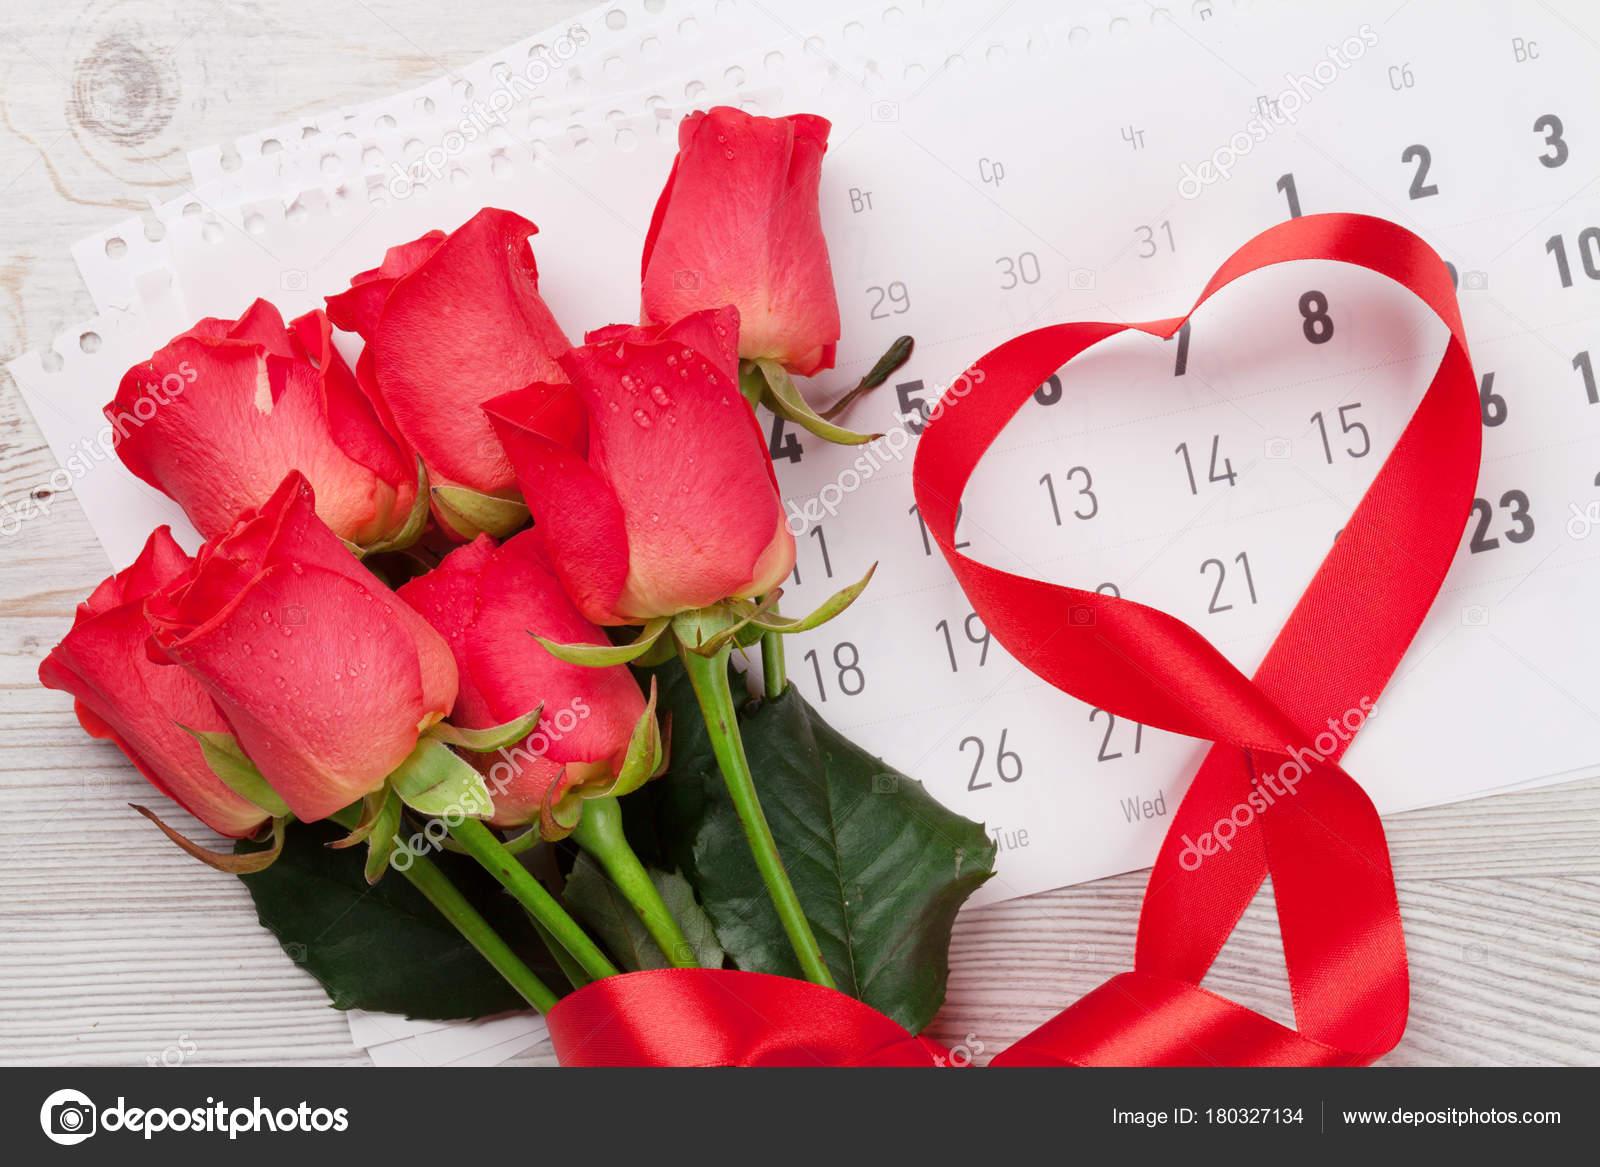 1289a7bd71ec Día de San Valentín tarjeta de felicitación con rosas rojas y corazón en  forma de cinta sobre el calendario de febrero sobre fondo de madera.